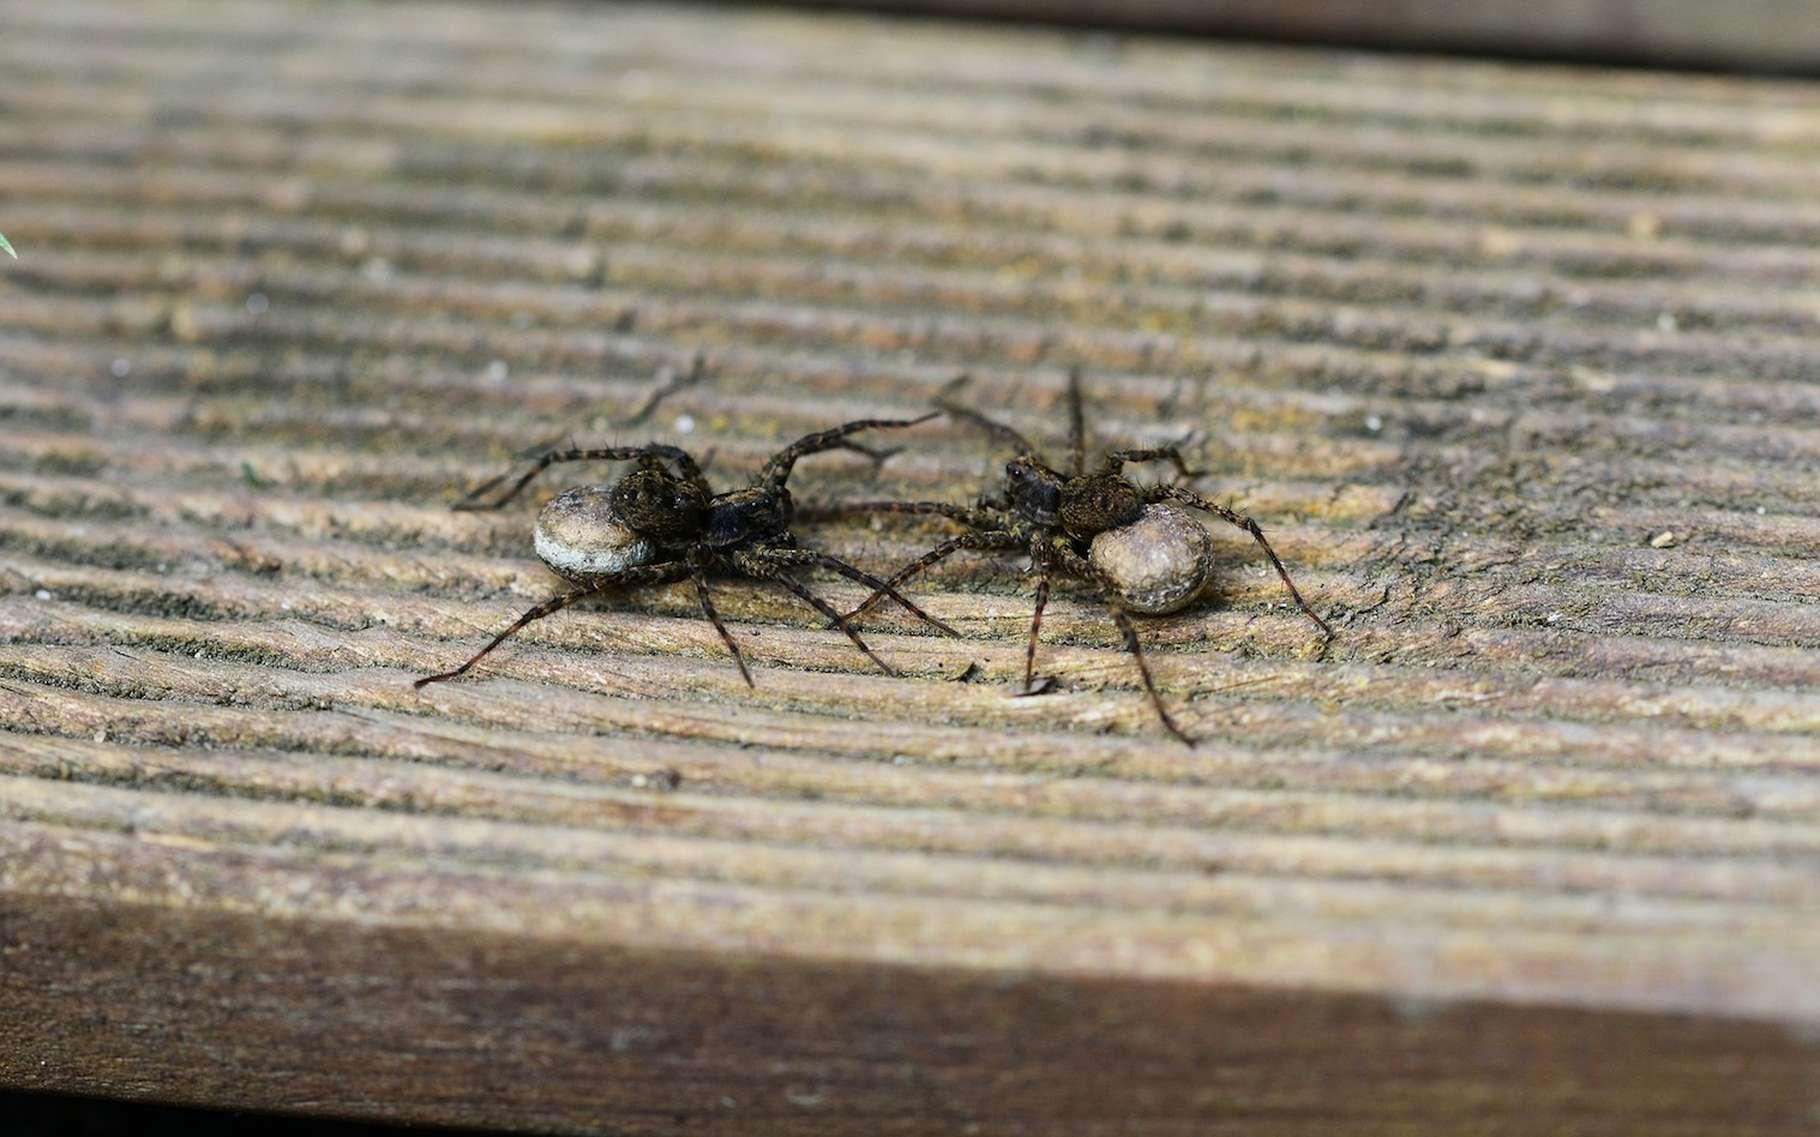 Des chercheurs de l'Université de Cincinnati affirment que les araignées de nos jardins sont douées de personnalités propres. © PollyDot, Pixabay, CC0 Public Domain